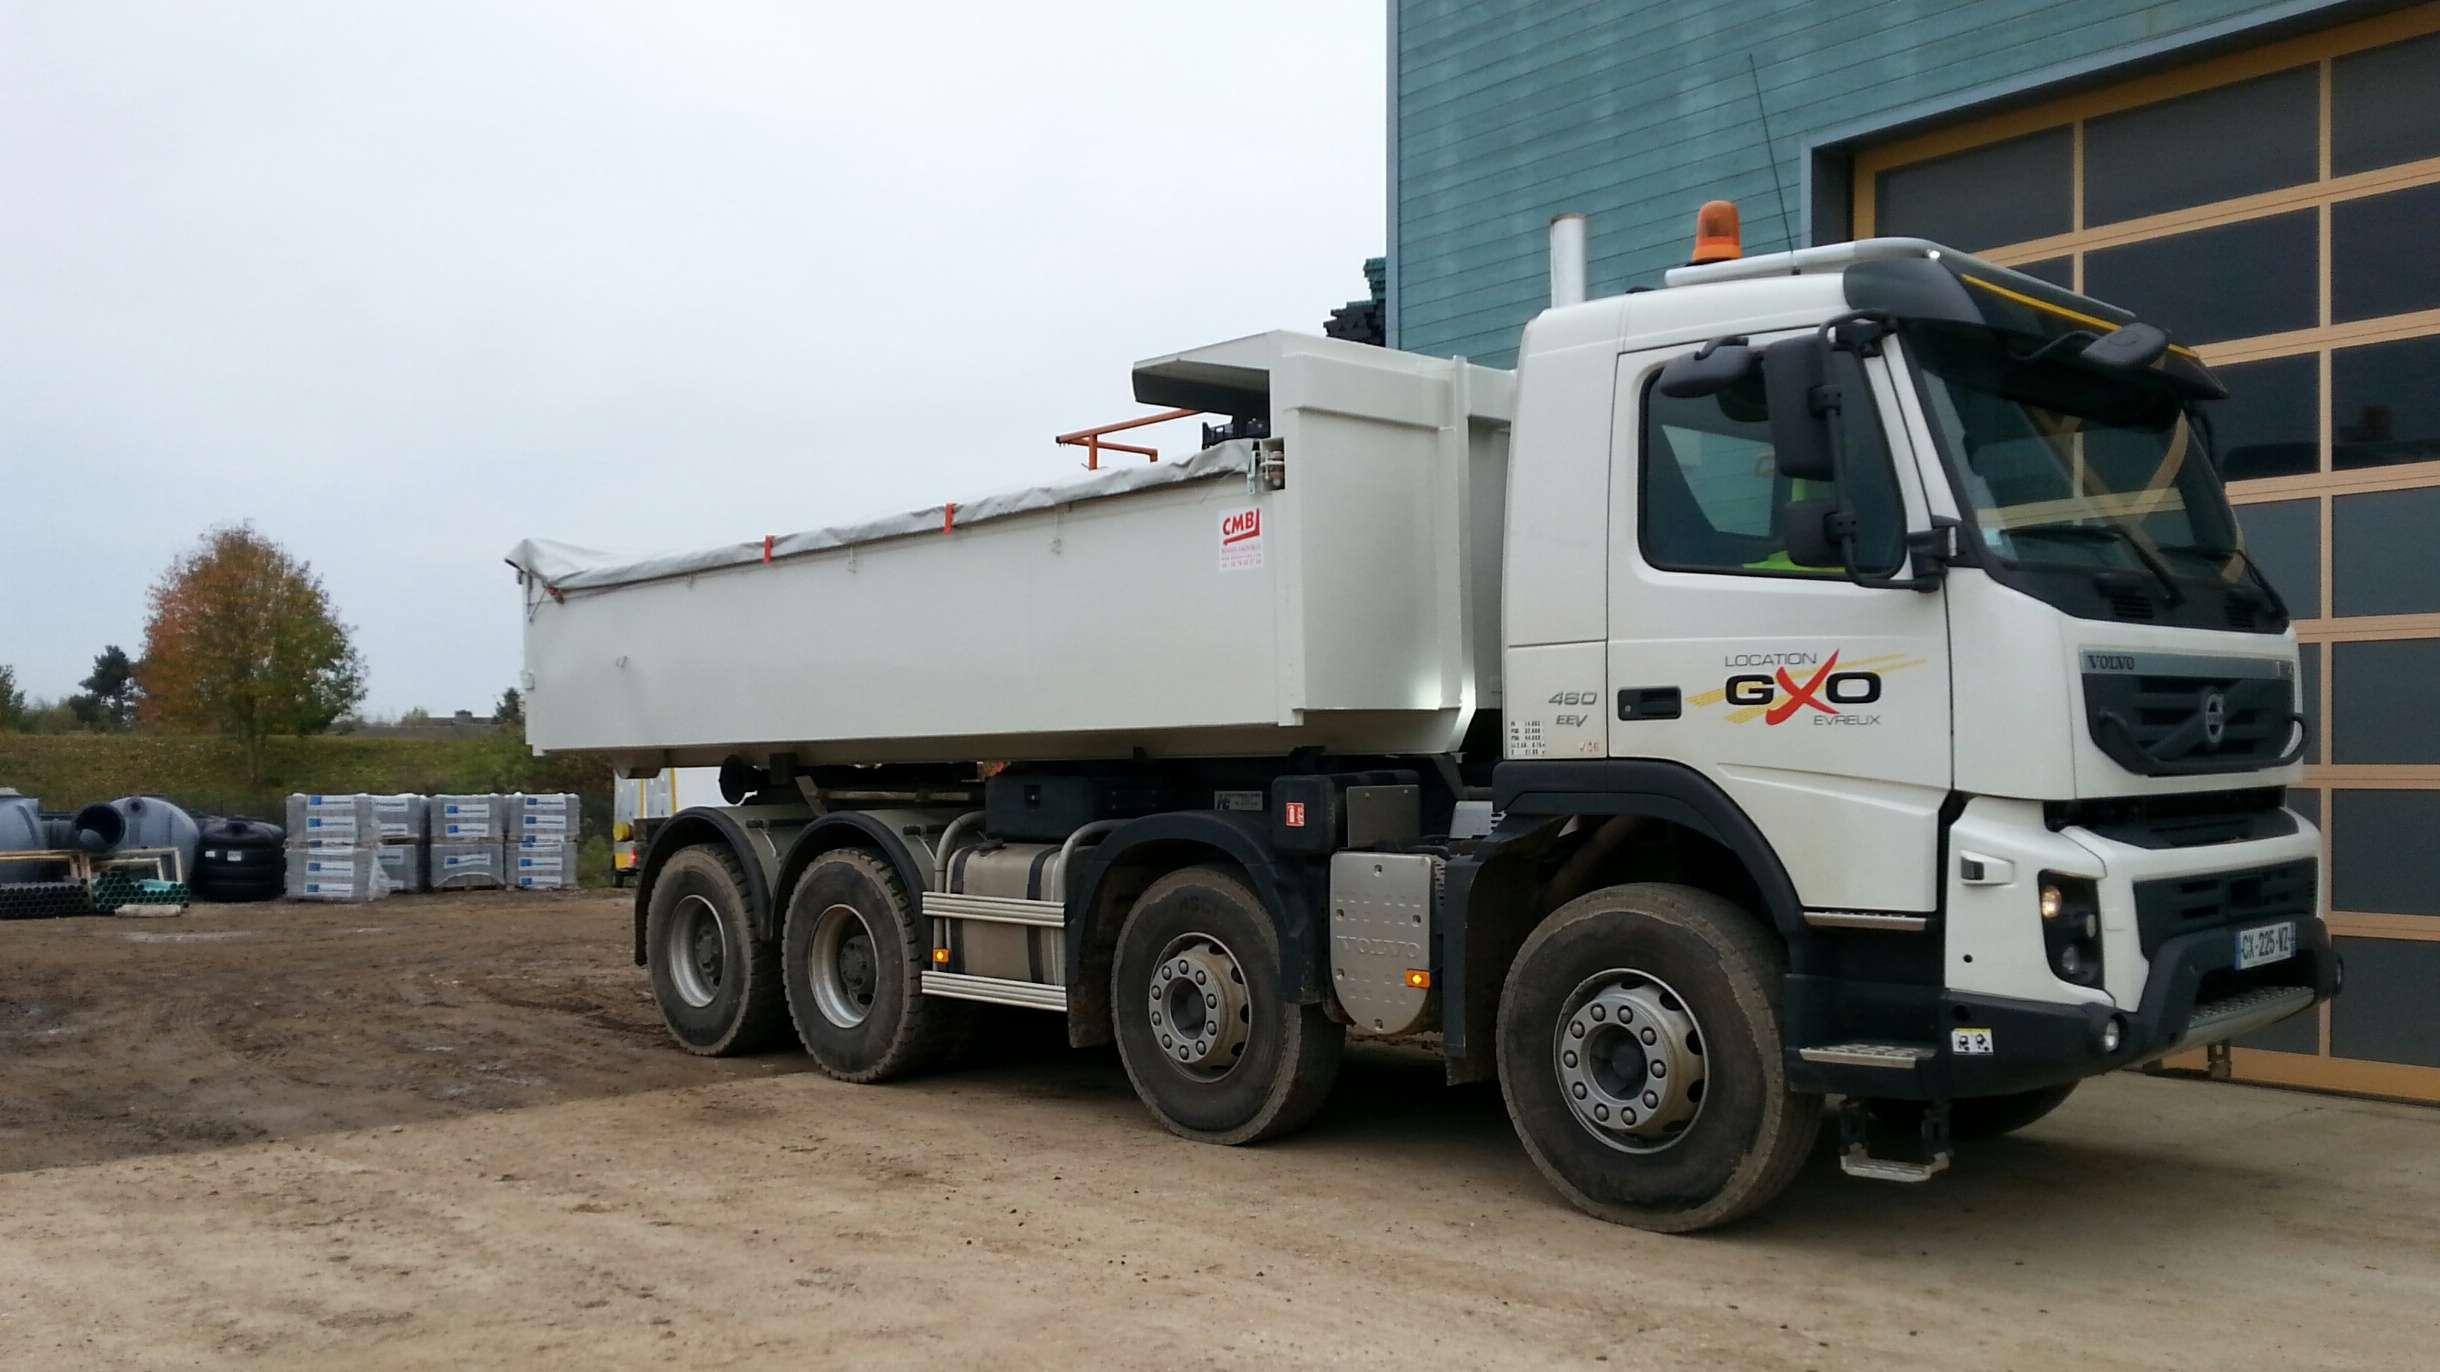 Gxo location de camion benne avec chauffeur eure 27 - Location de camion benne ...